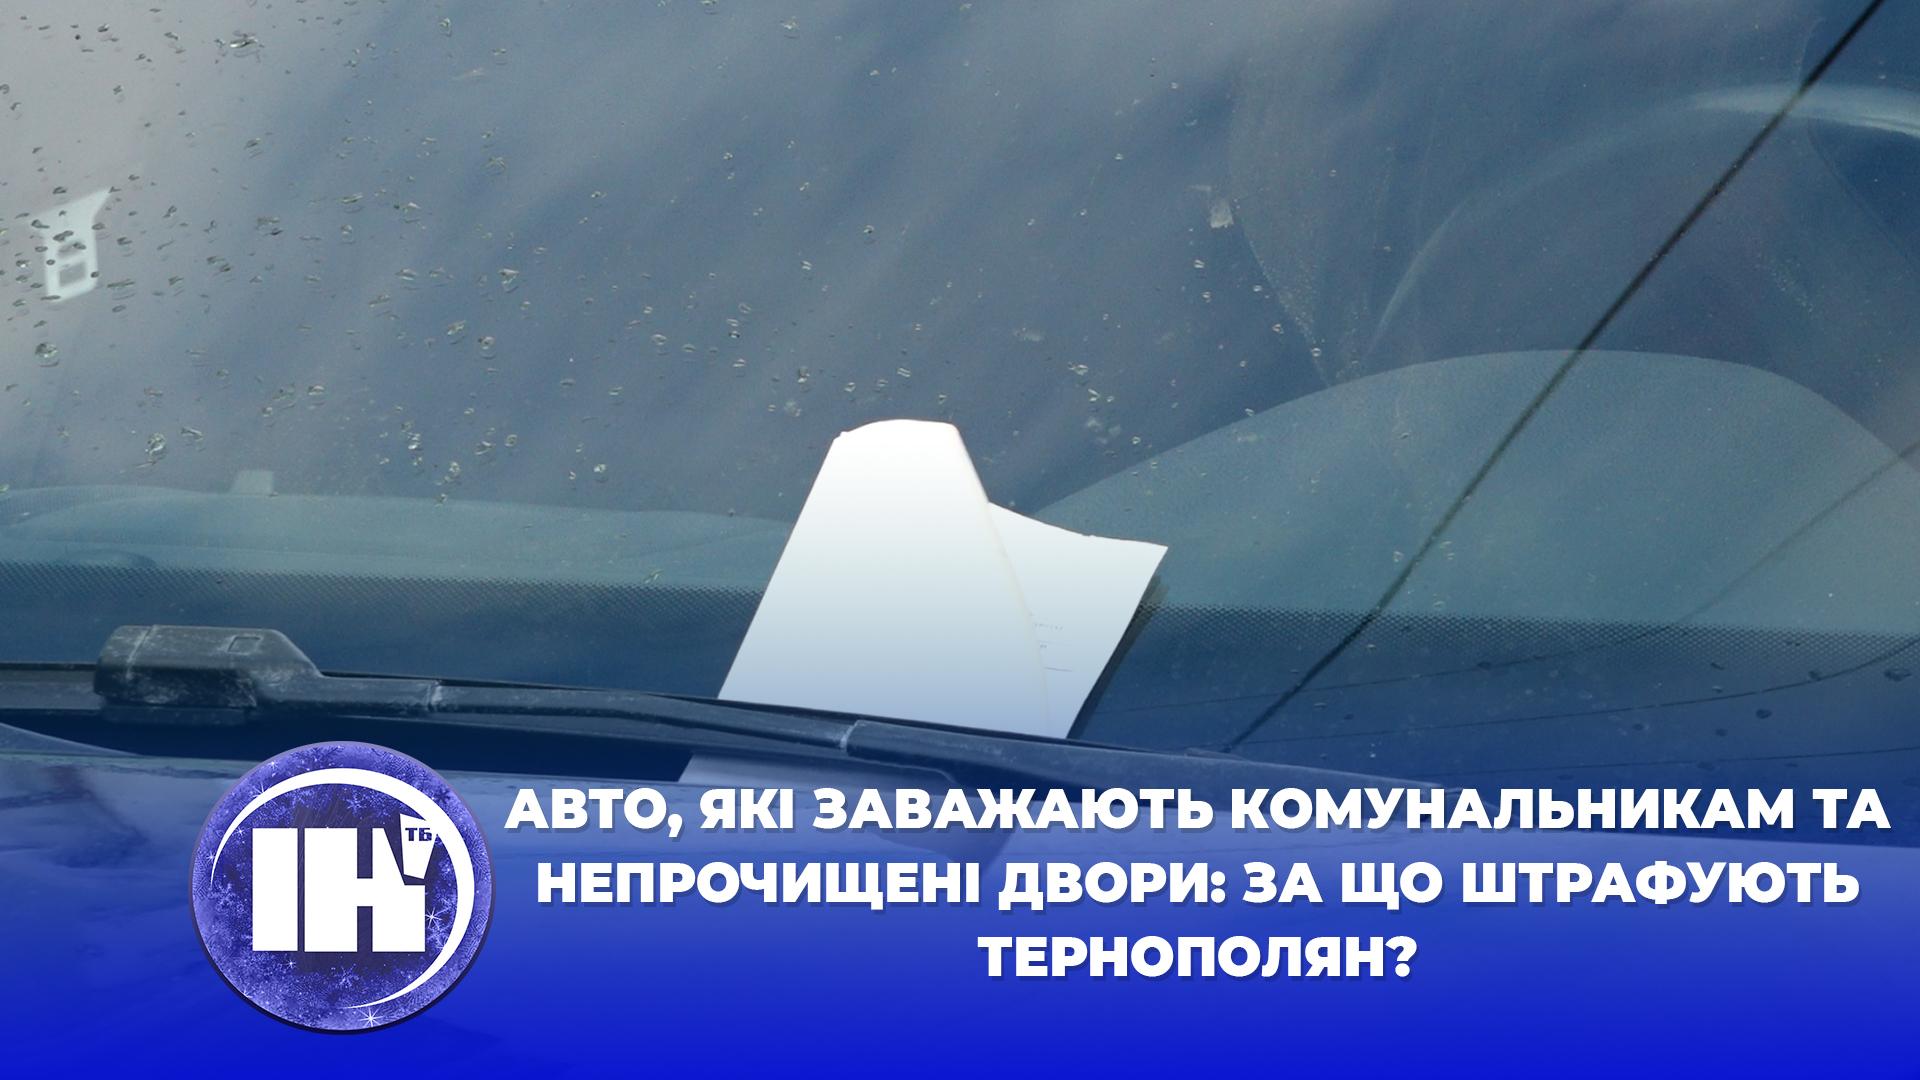 Авто, які заважають комунальникам та непрочищені двори: за що штрафують тернополян?